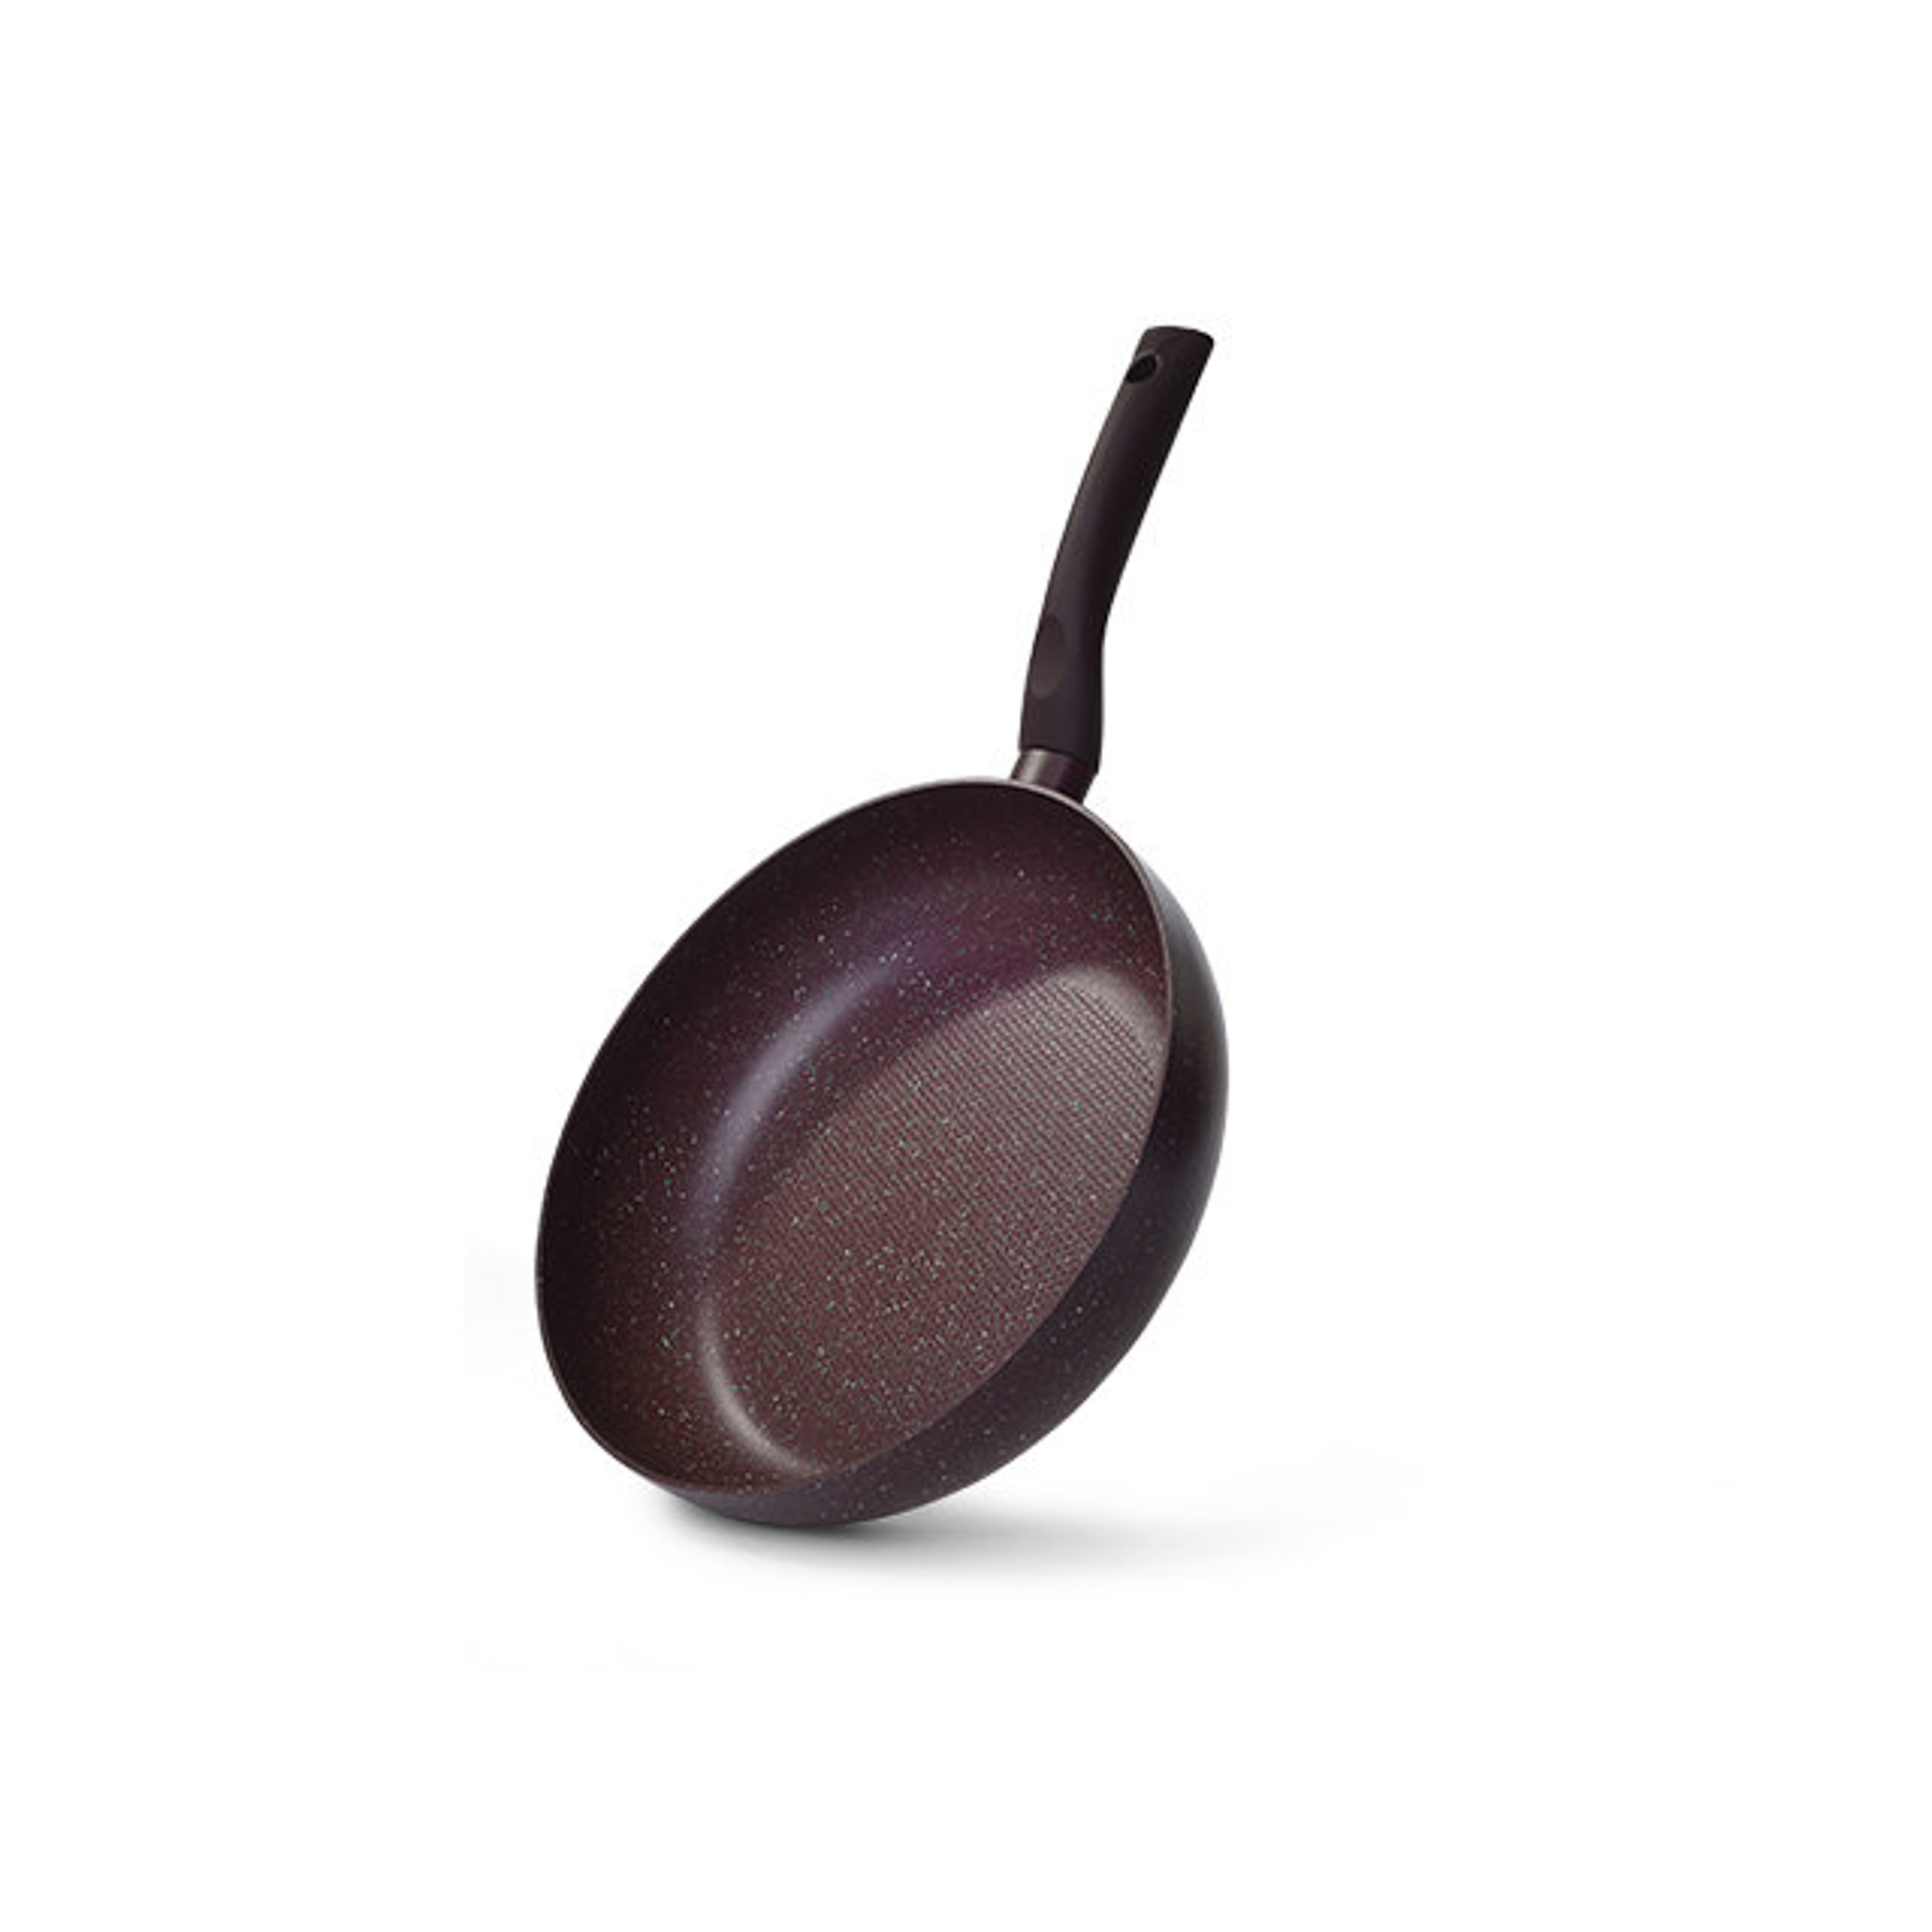 Купить Сковорода глубокая Fissman Mosses Stone 26 см, Дания, коричневый